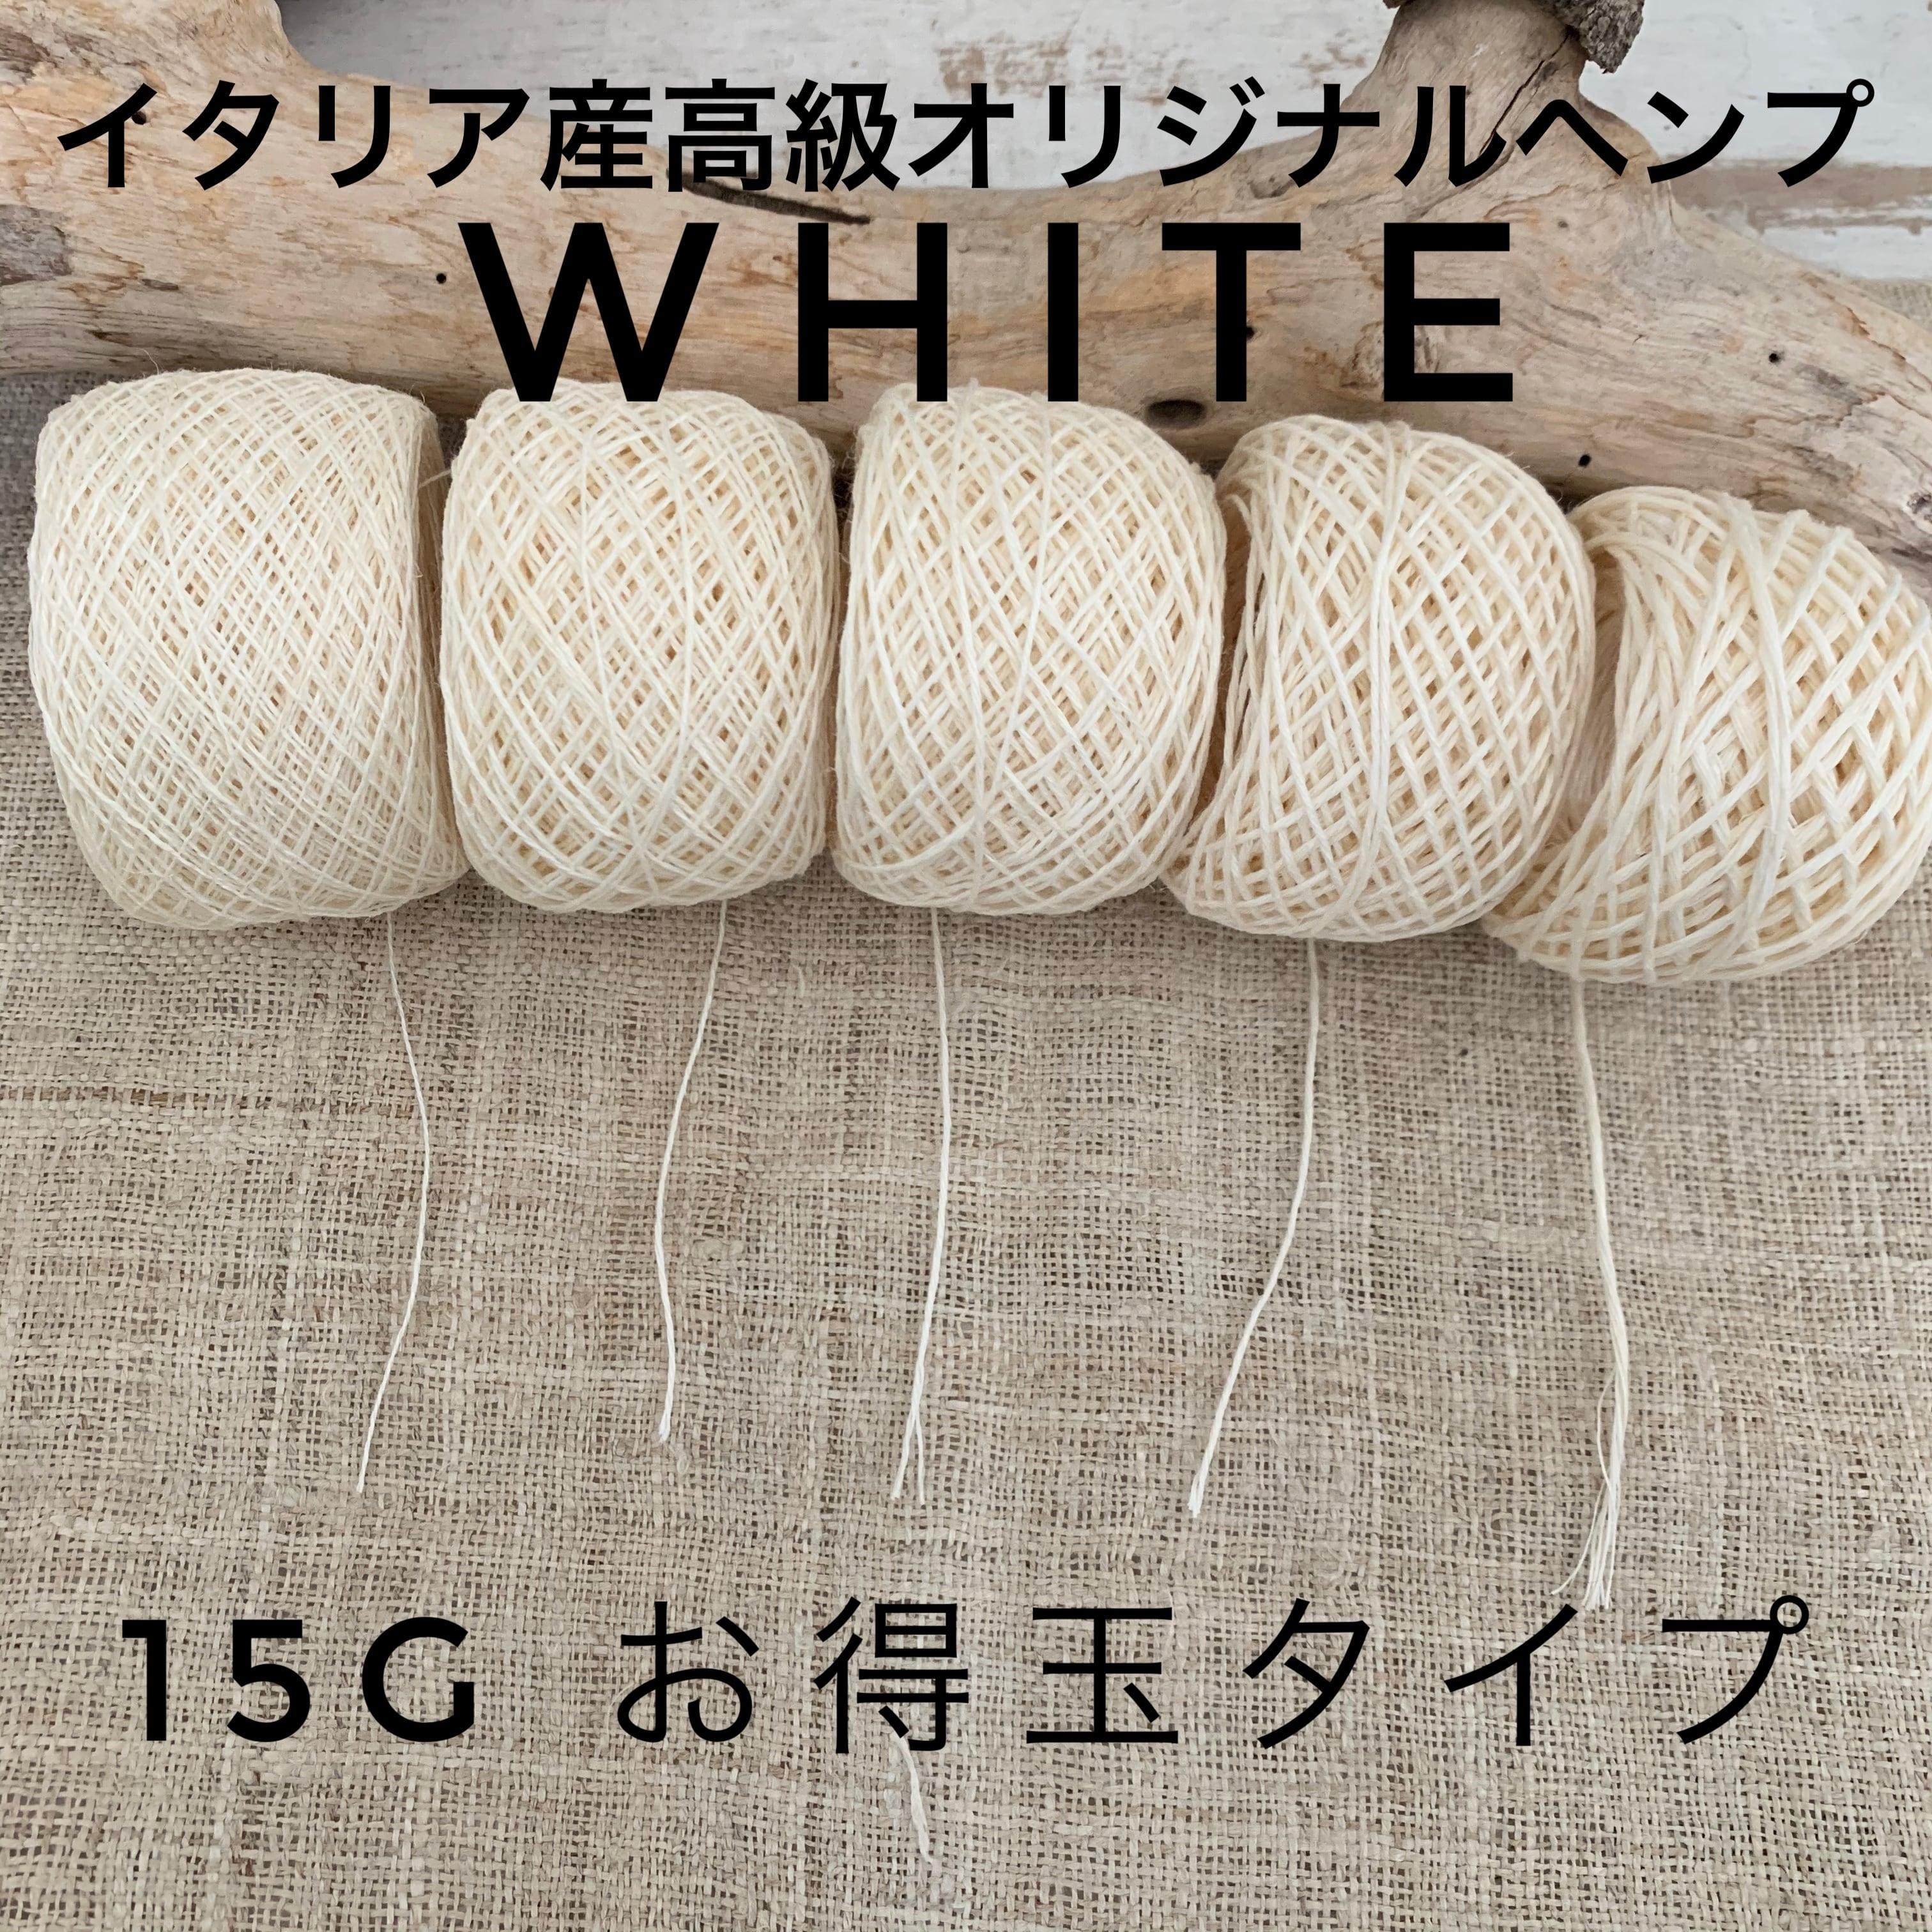 イタリア産高級オリジナルヘンプ WHITE 15gお得玉タイプ【太さを選んで下さい】